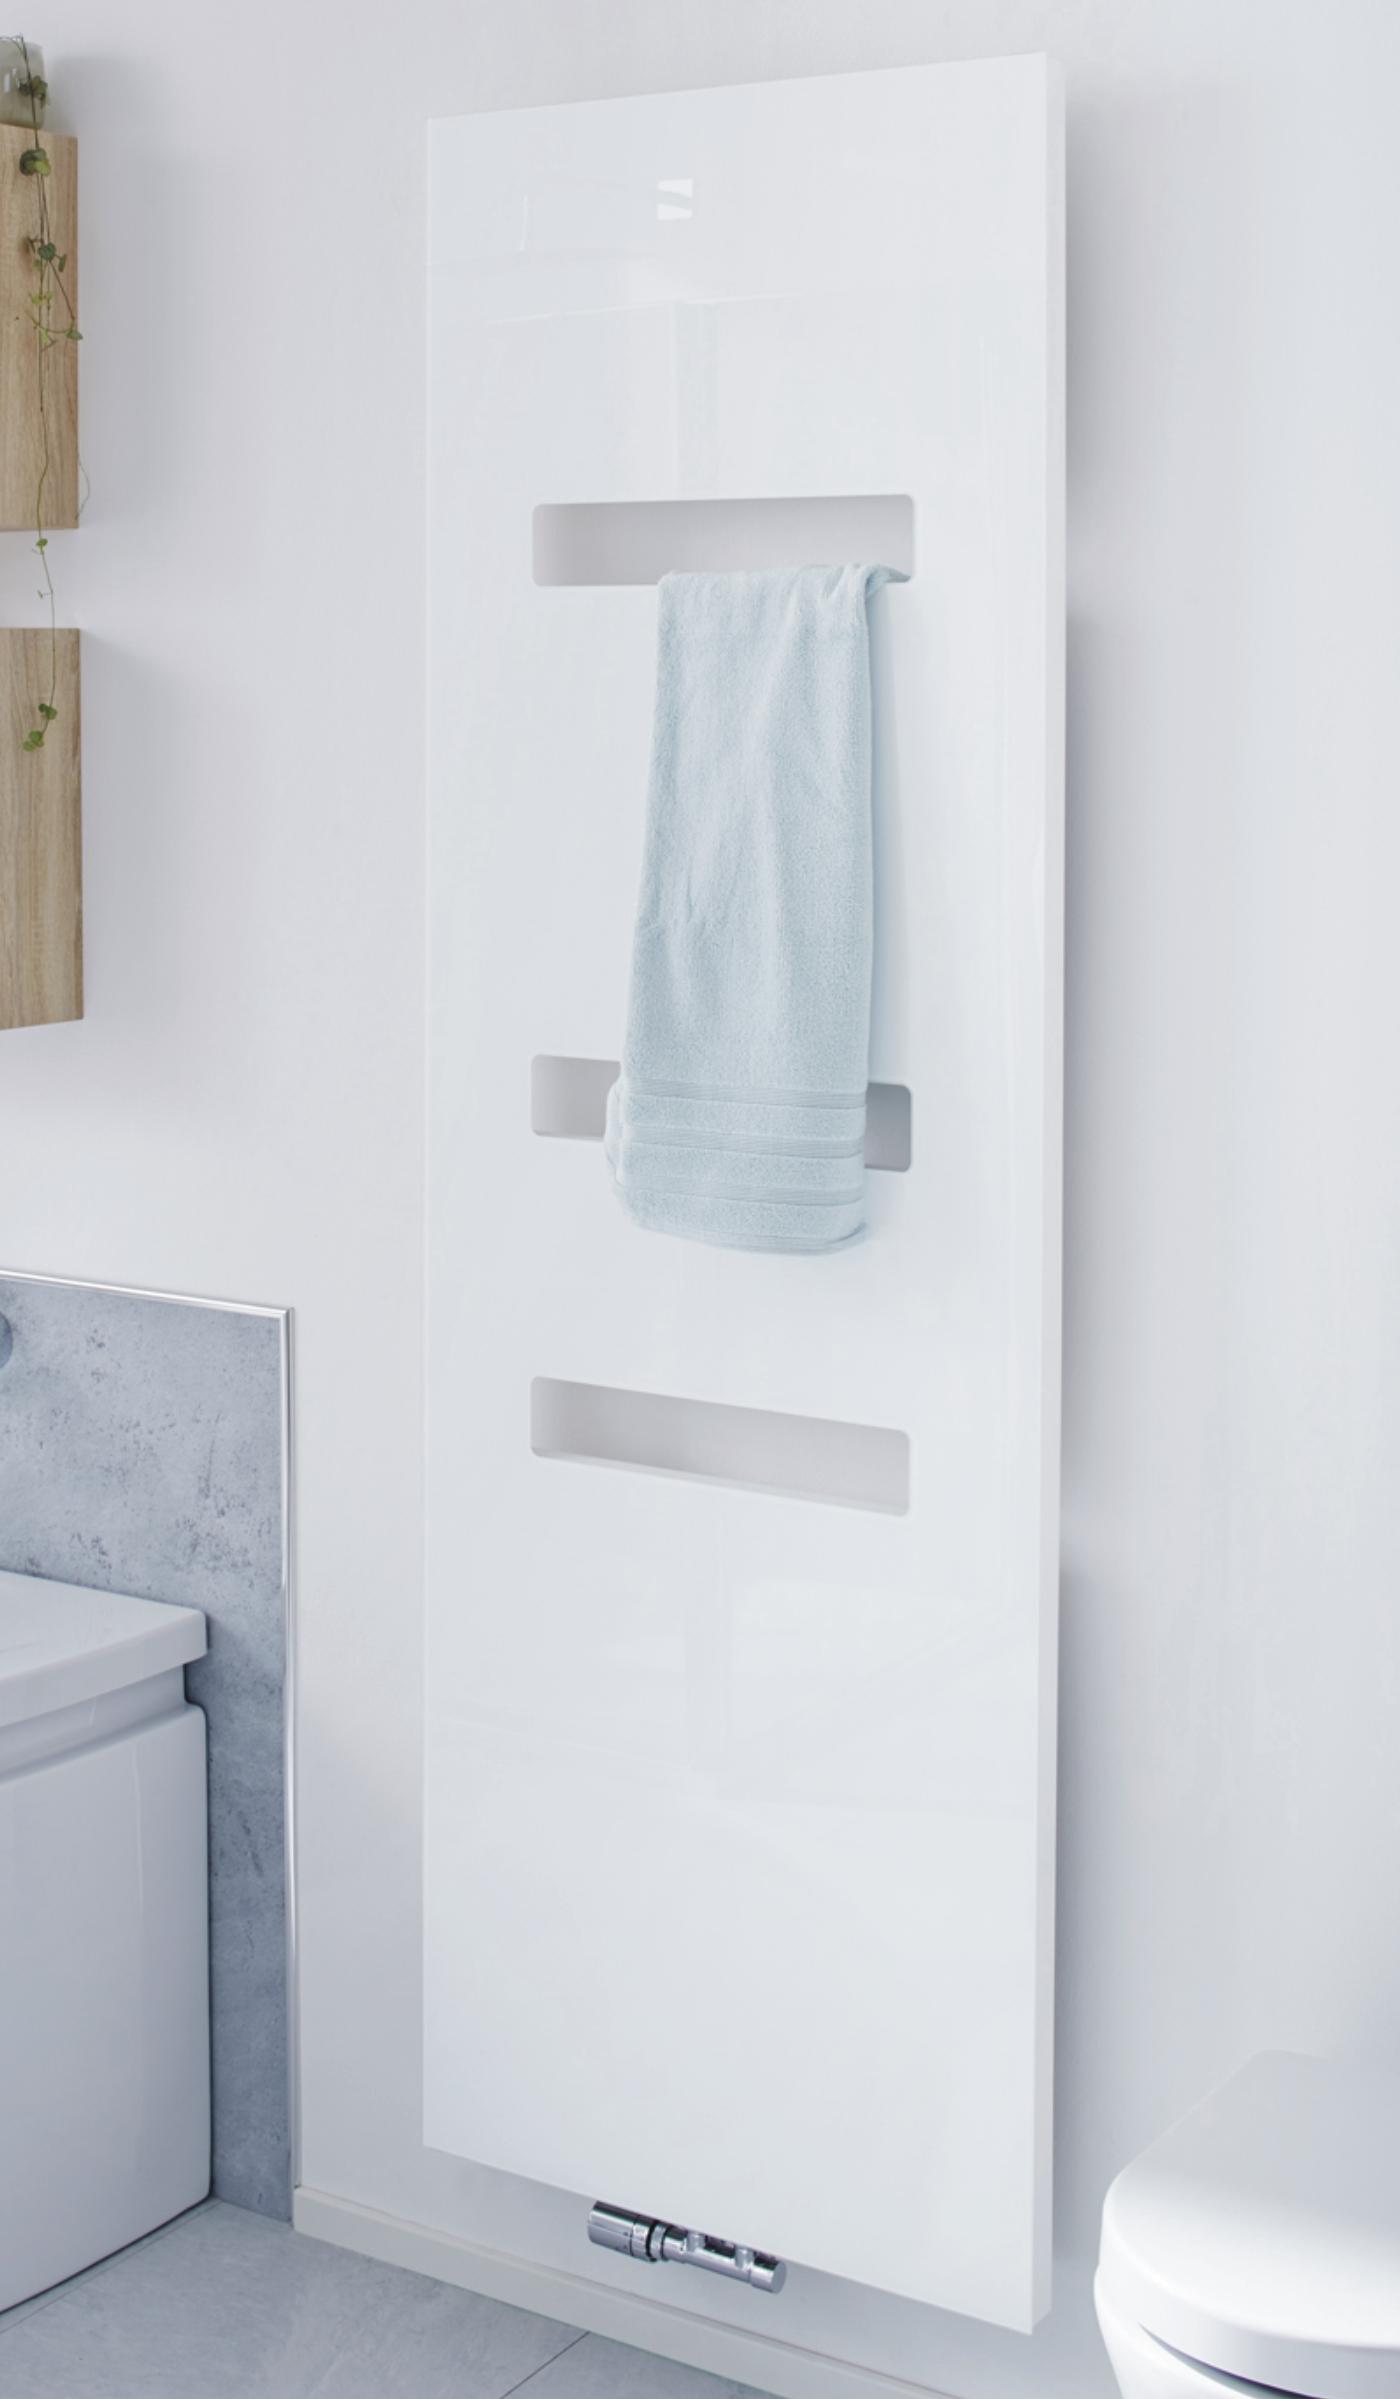 hsk atelier badheizk rper hsk atelier handtuchtrockner hsk atelier im badshop kaufen preis. Black Bedroom Furniture Sets. Home Design Ideas